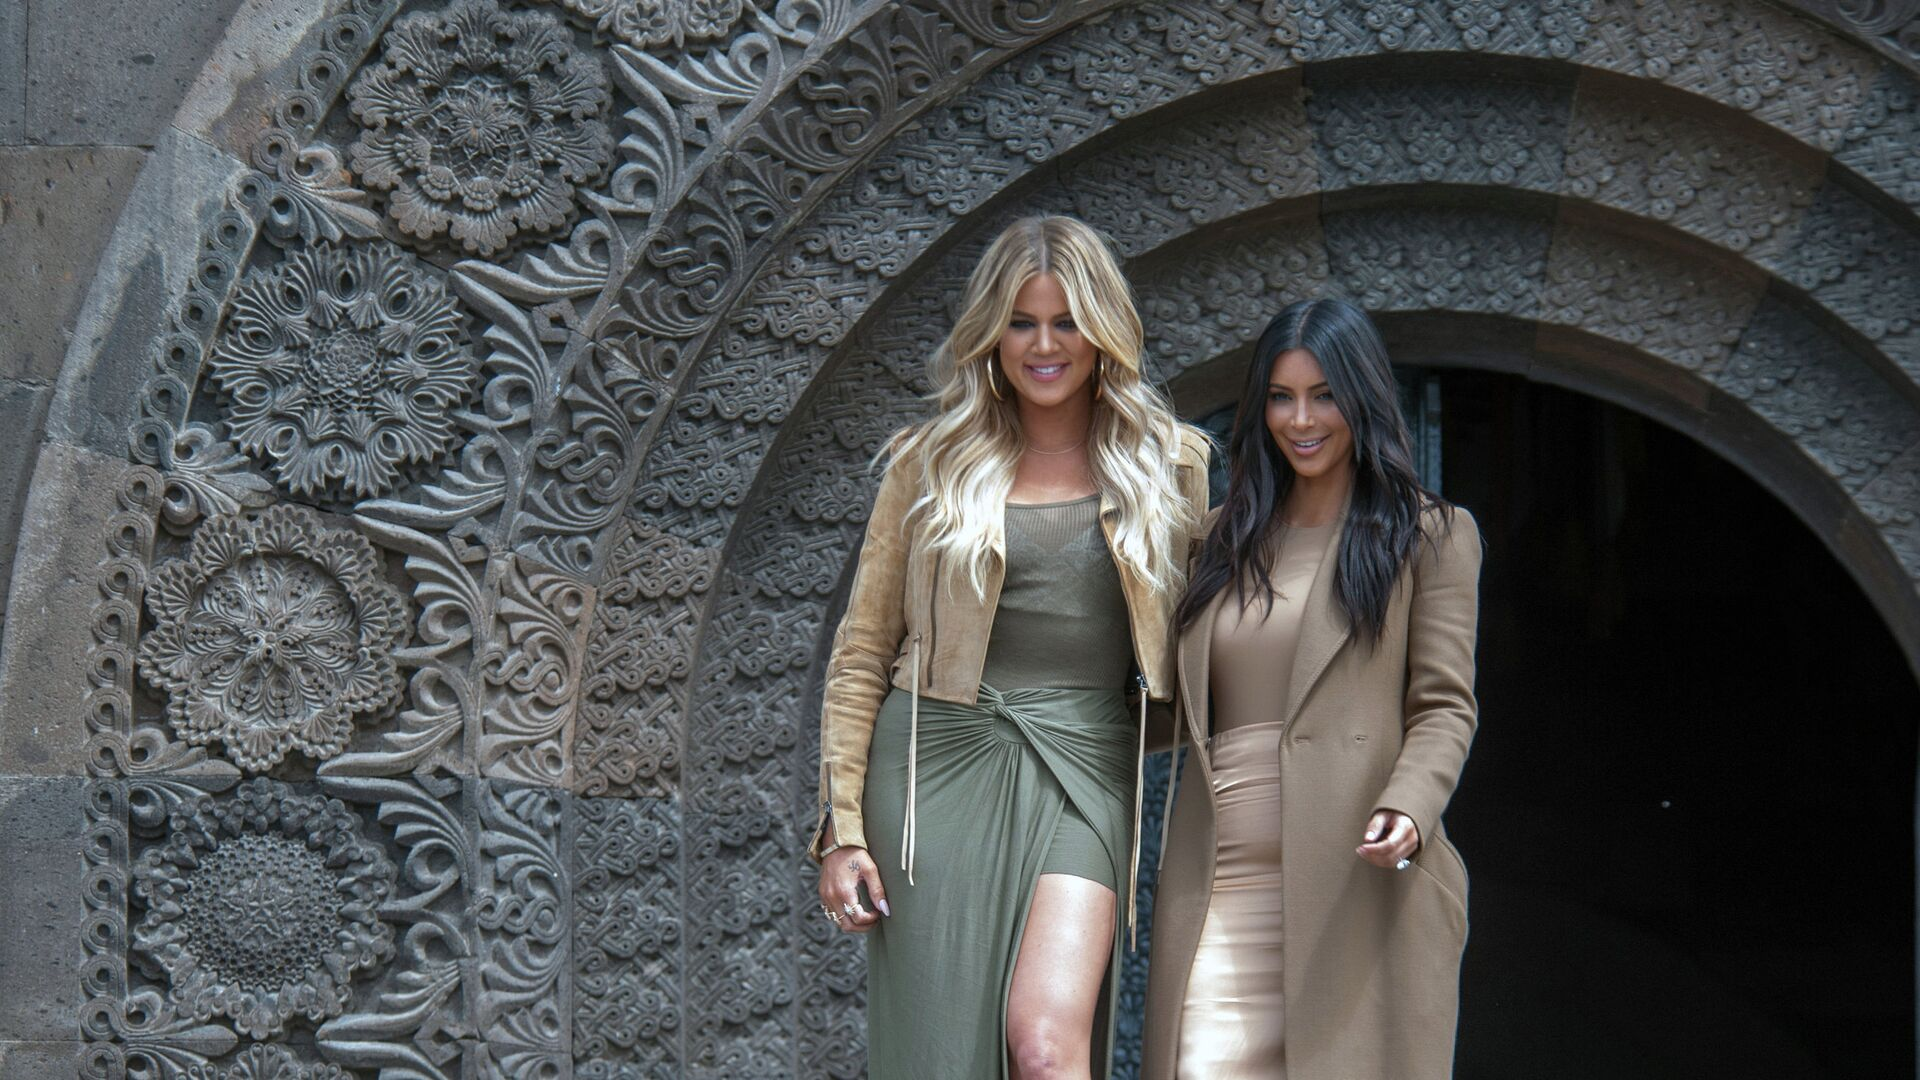 Американская модель, актриса Ким Кардашьян и ее сестра Хлоя во время памятных мероприятий в Ереване - РИА Новости, 1920, 29.10.2020